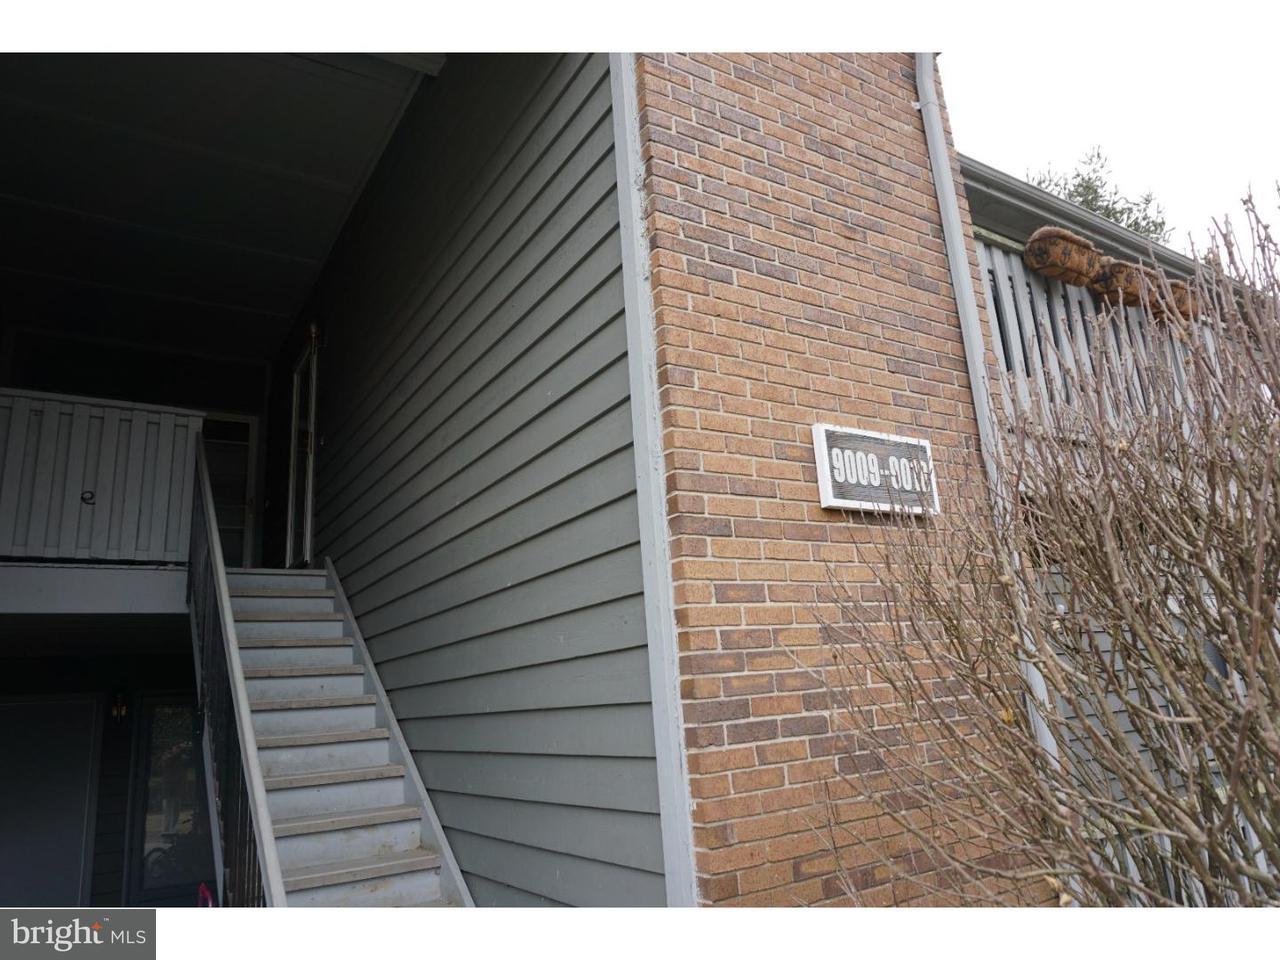 Casa unifamiliar adosada (Townhouse) por un Alquiler en 9016 TAMARRON Drive Plainsboro, Nueva Jersey 08536 Estados UnidosEn/Alrededor: Plainsboro Township